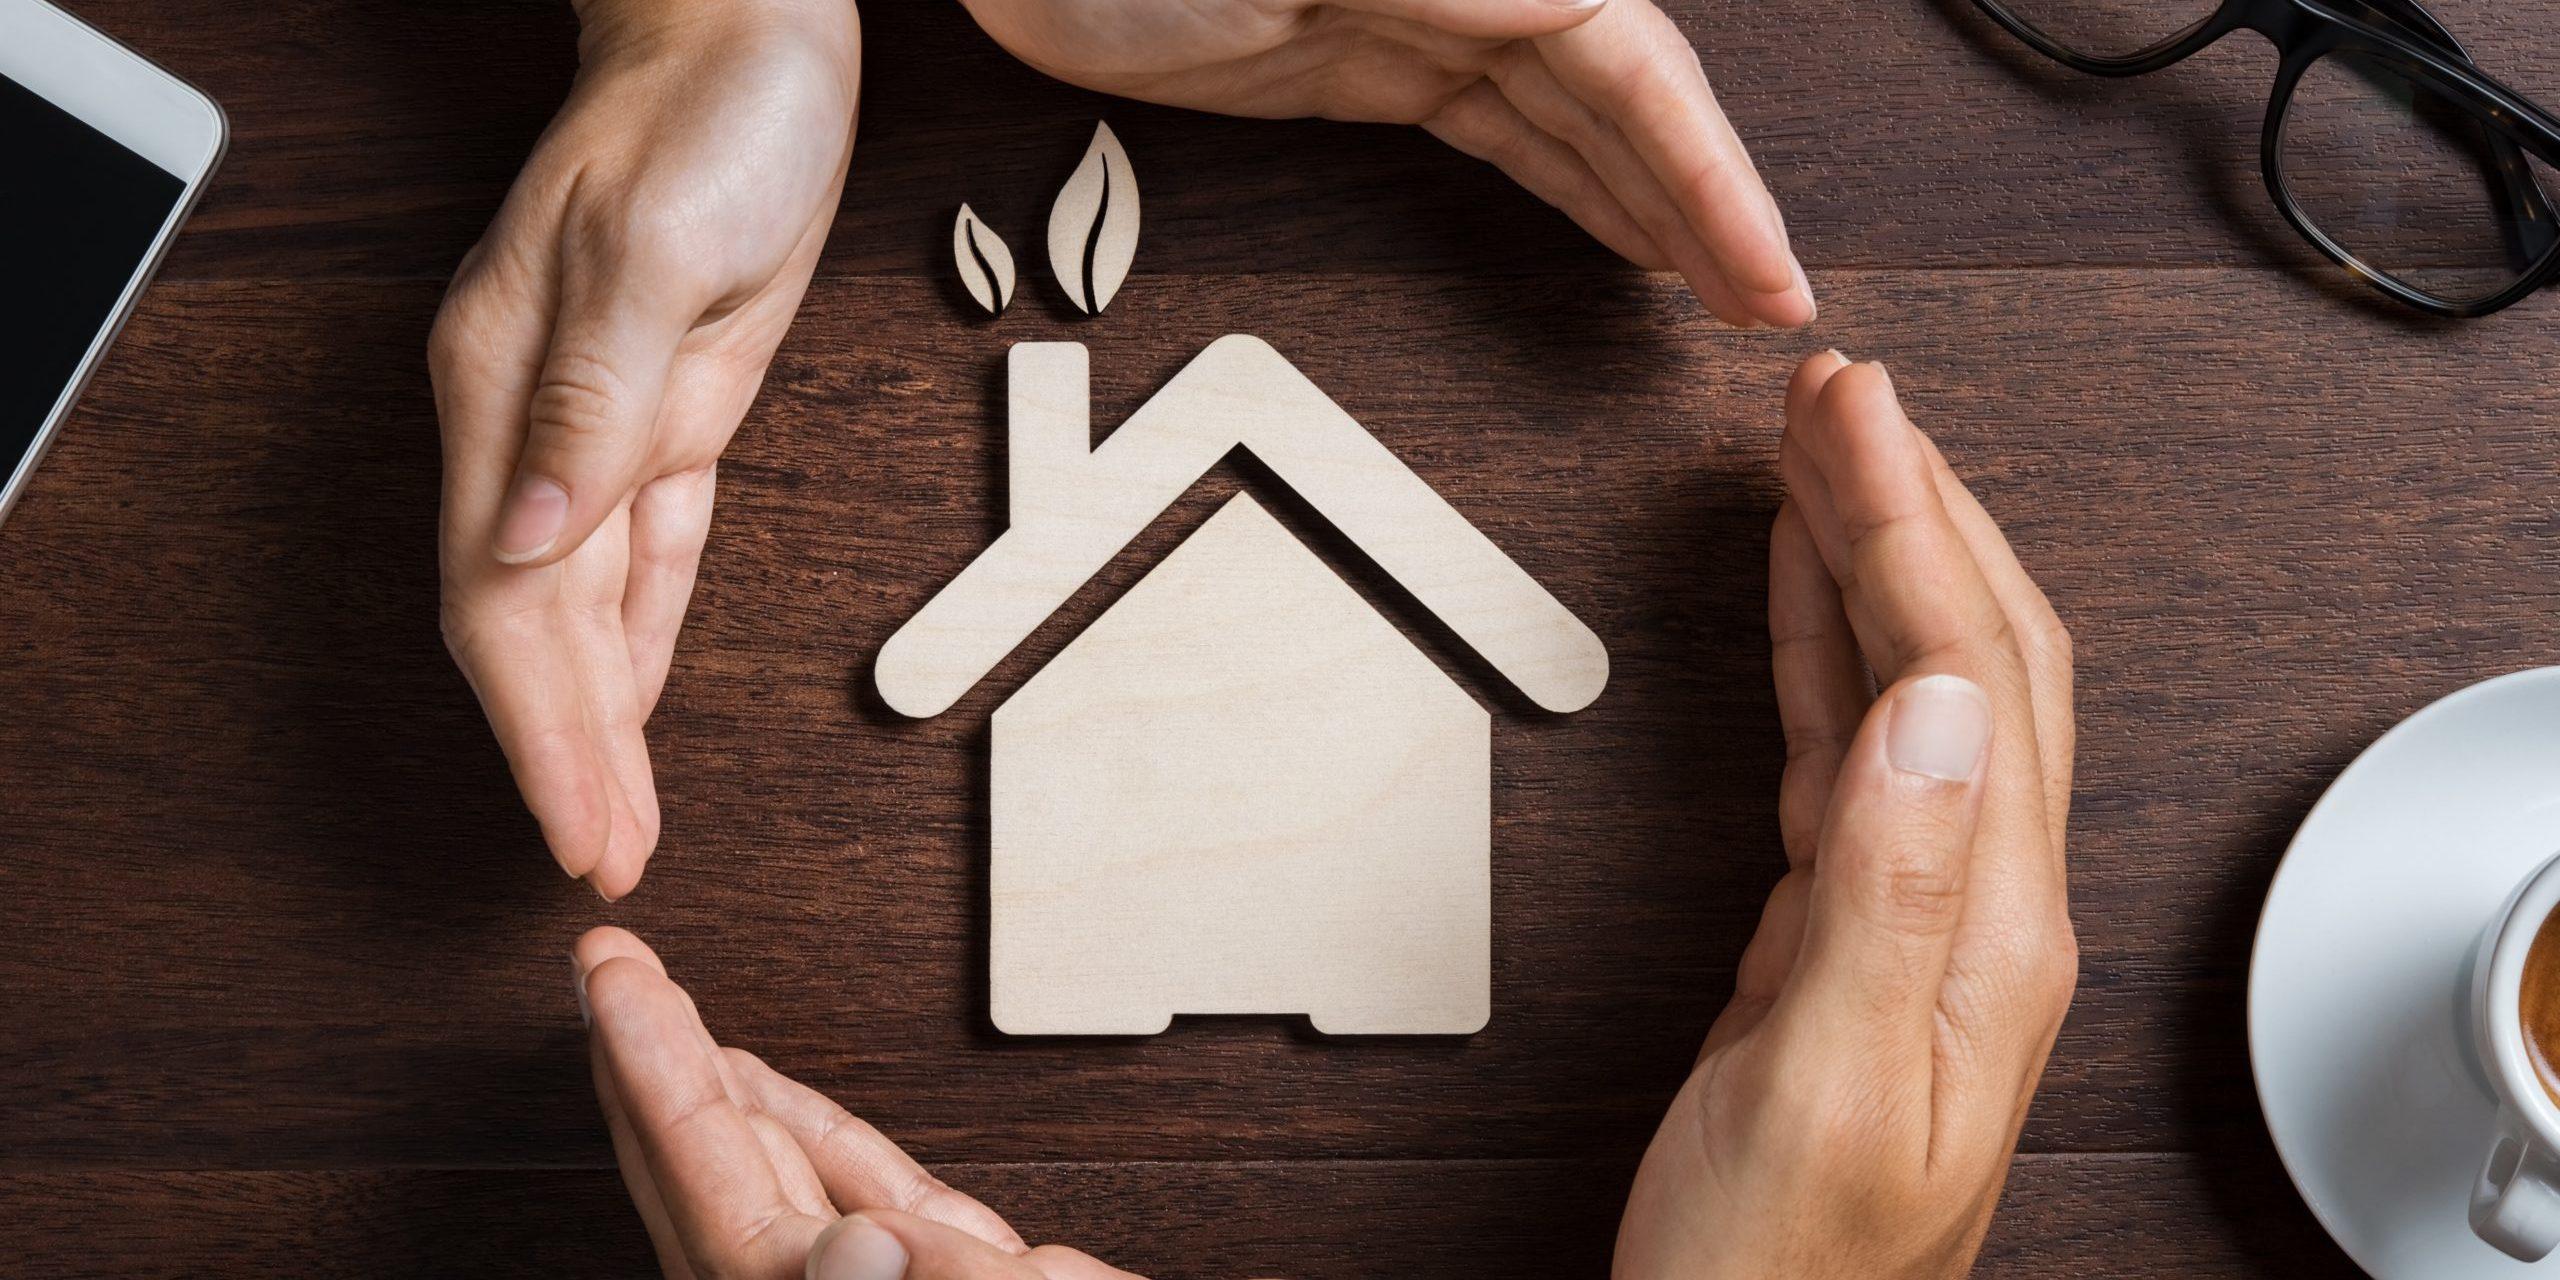 Inteligentny dom - sterowanie ogrzewaniem